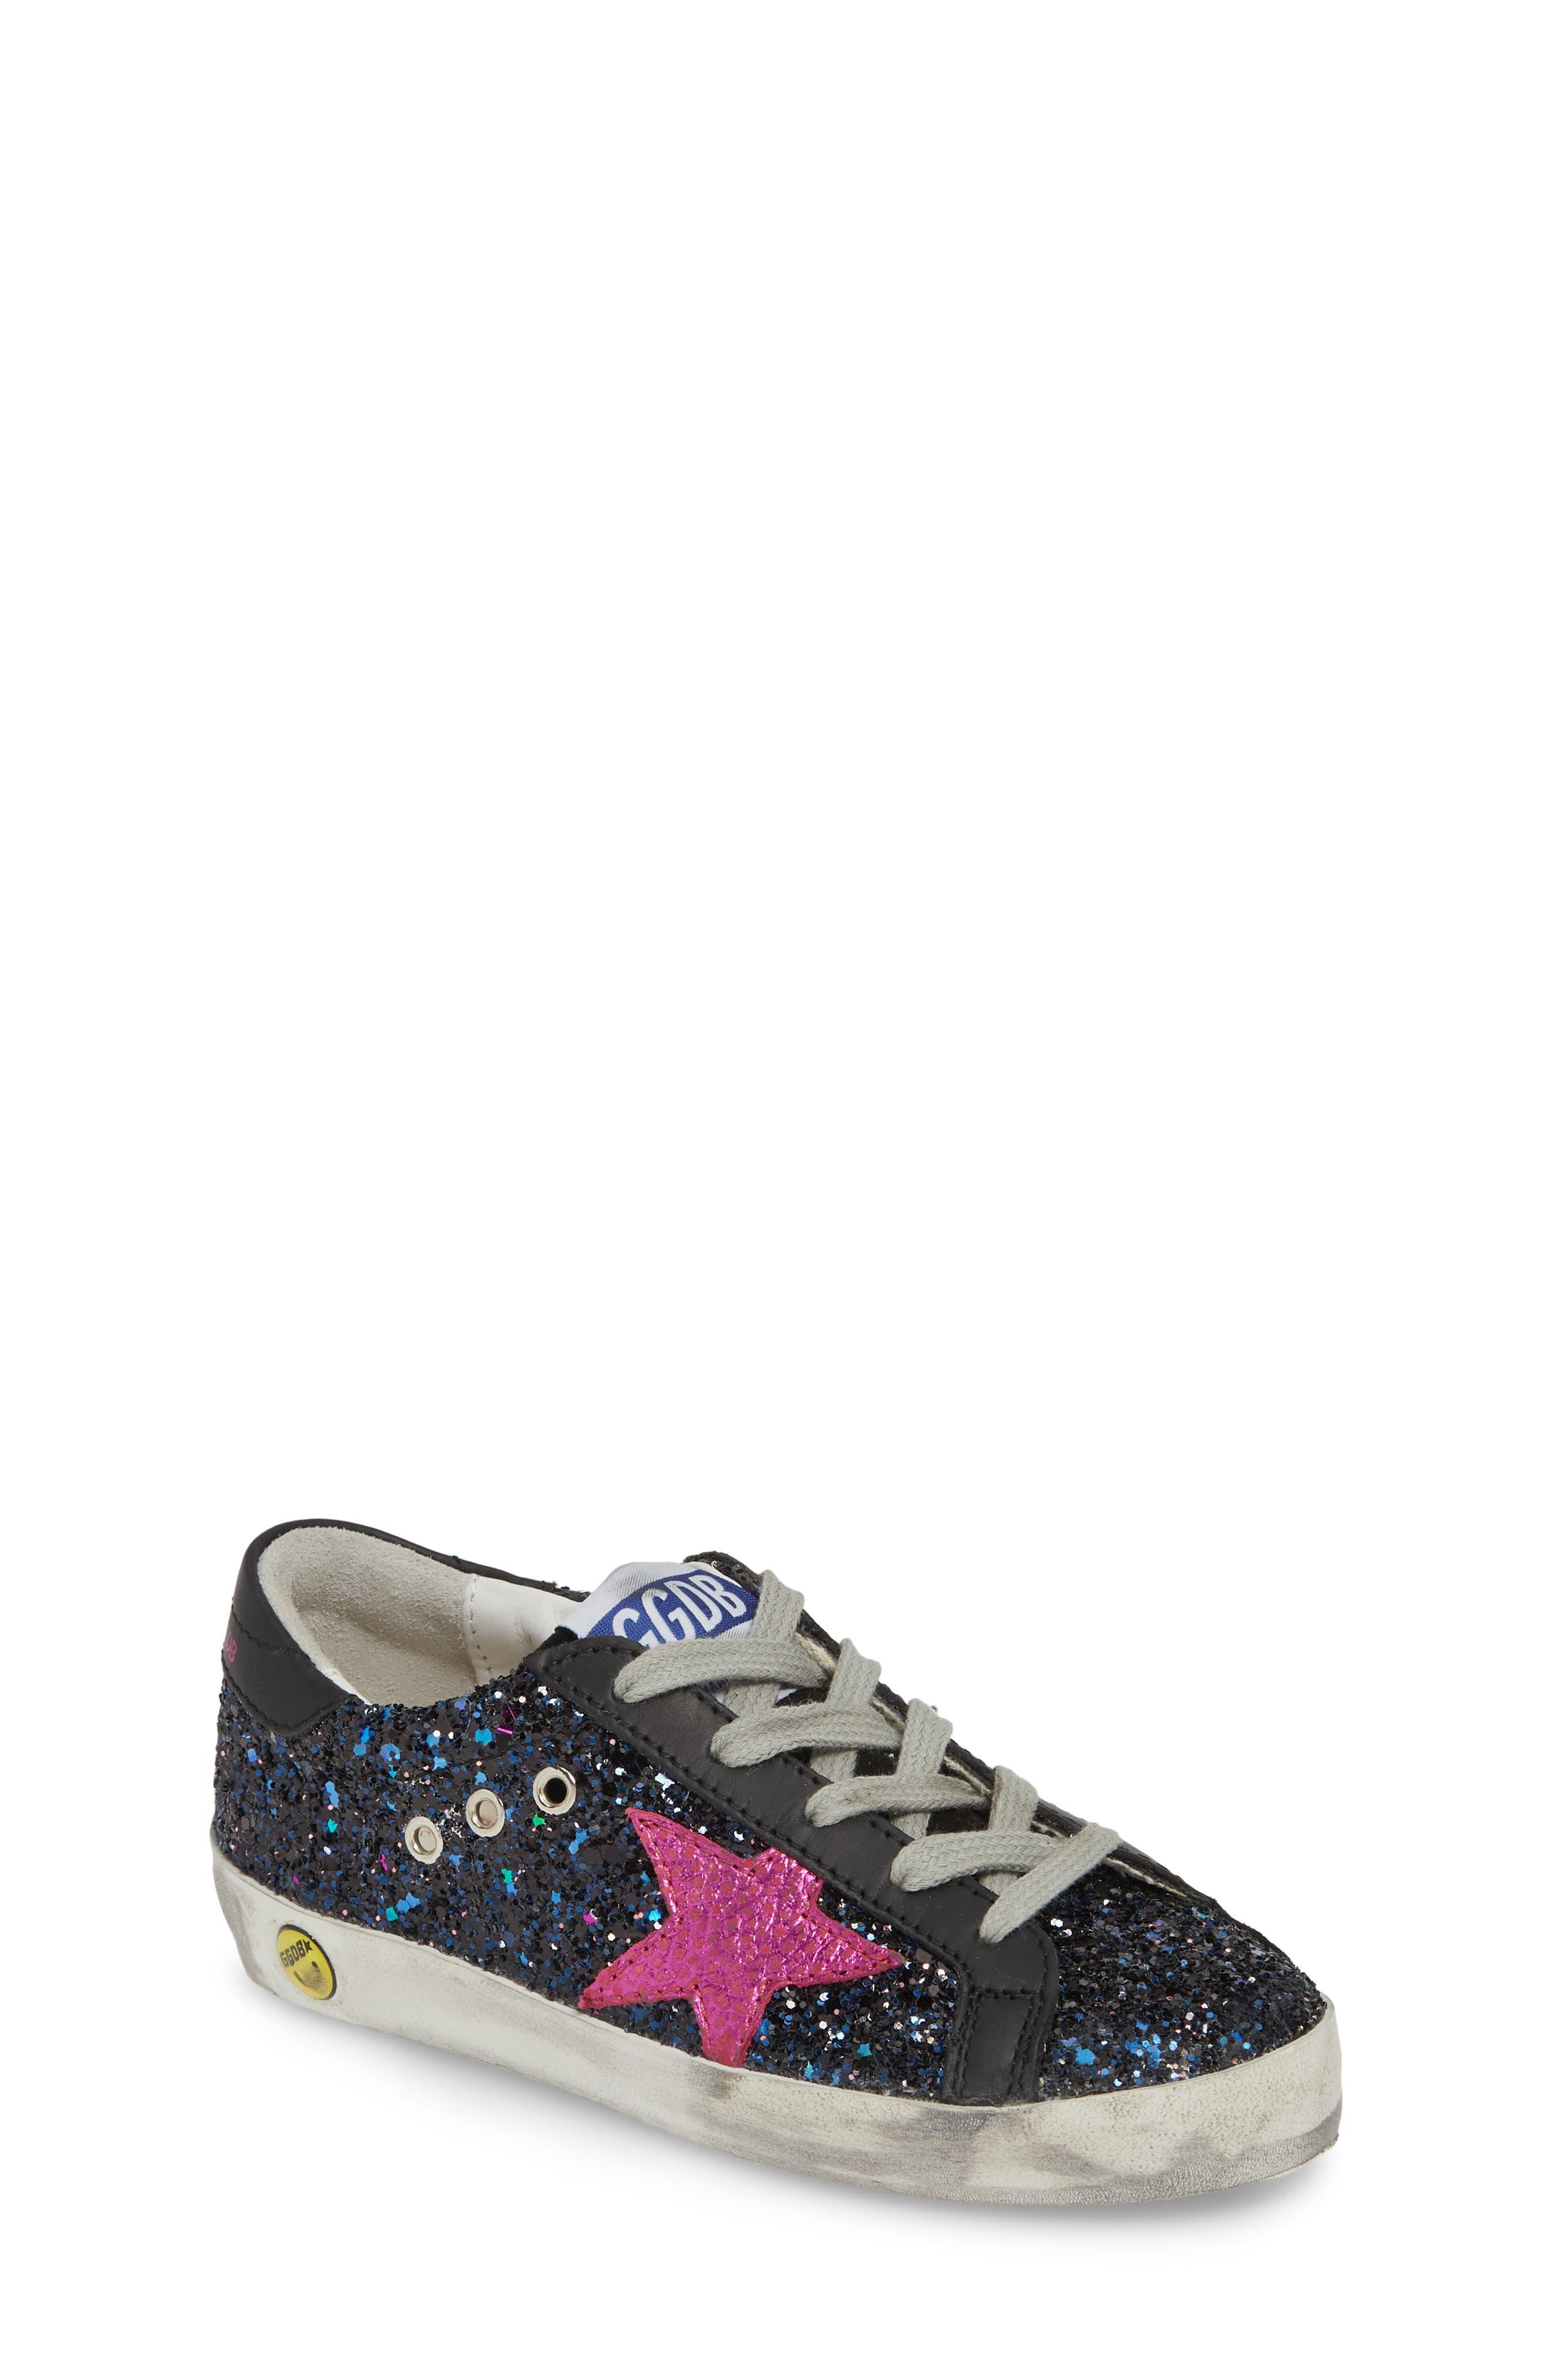 GOLDEN GOOSE,                             Superstar Glitter Low Top Sneaker,                             Main thumbnail 1, color,                             GALAXY GLITTER/ FUCHSIA STAR